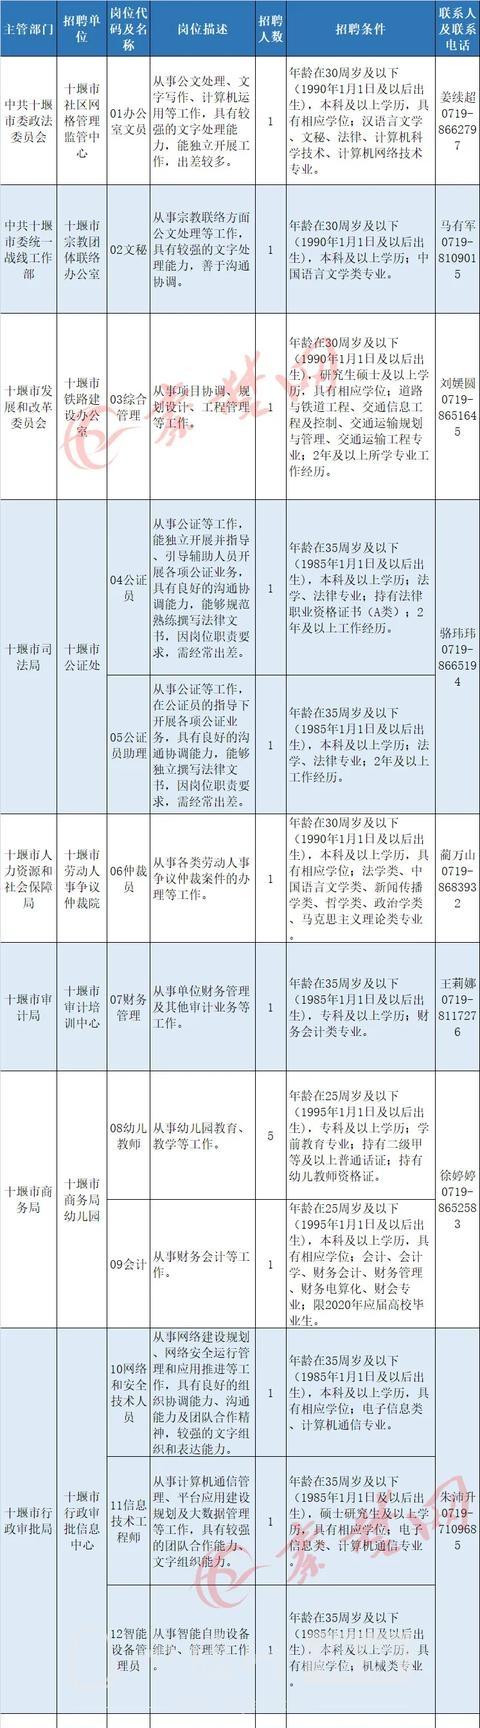 十堰启动事业单位大规模招聘,最全岗位表来了-1.jpg